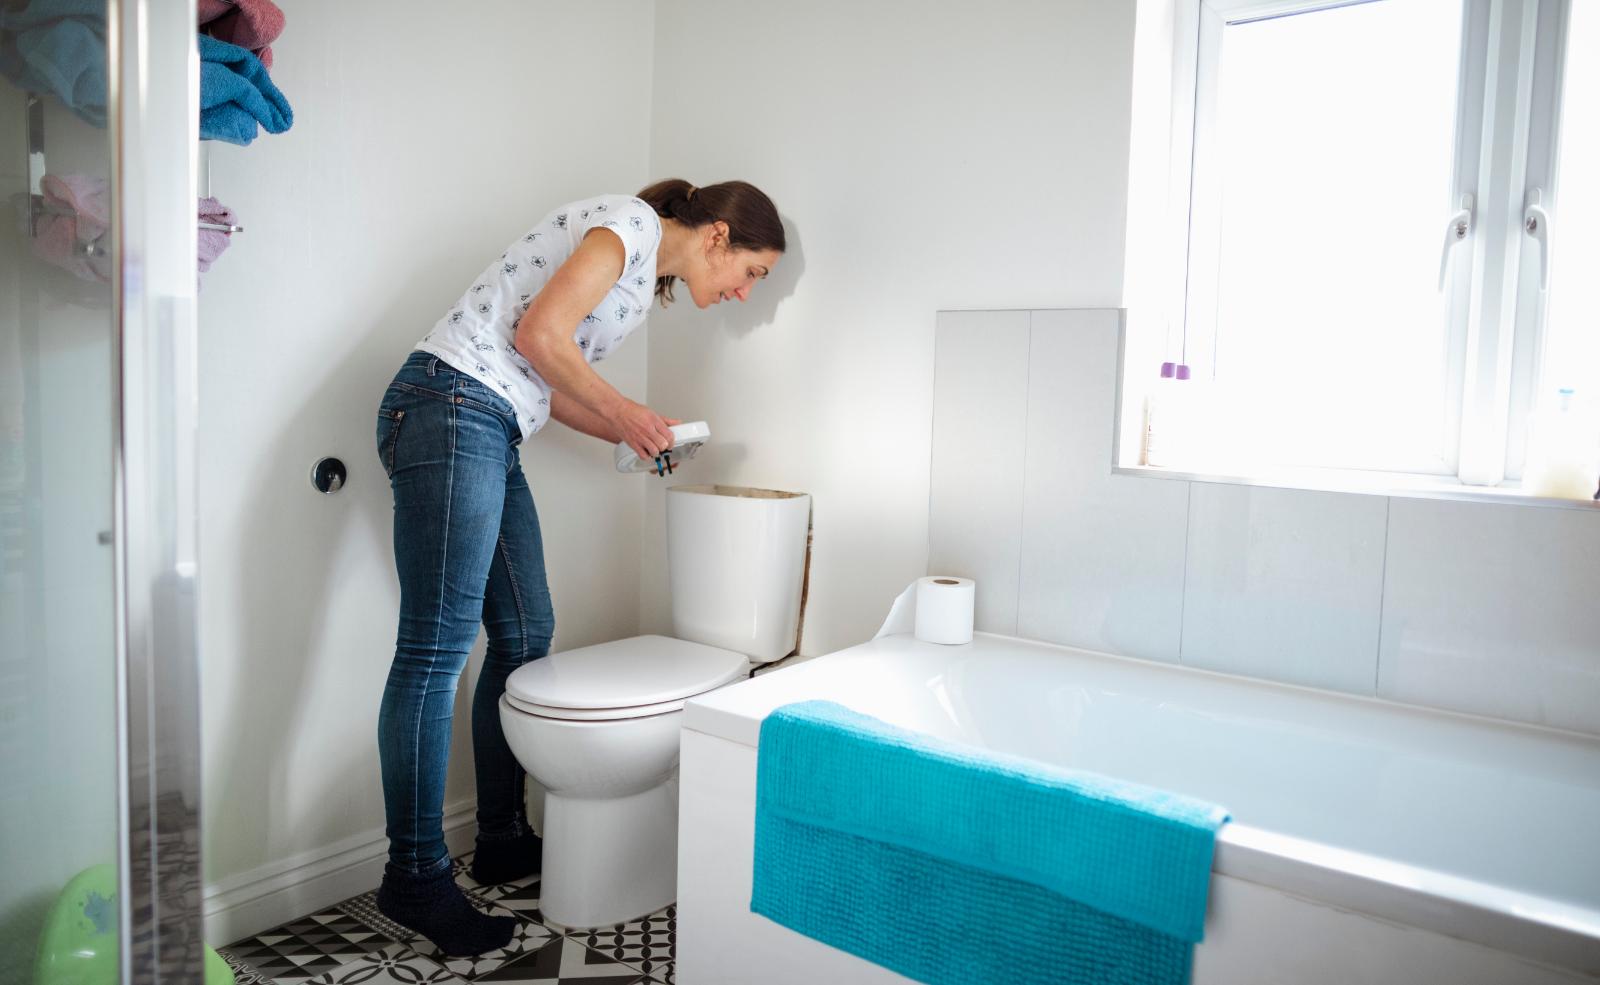 Von Zeit zu Zeit sollte man den WC-Spülkasten reinigen.